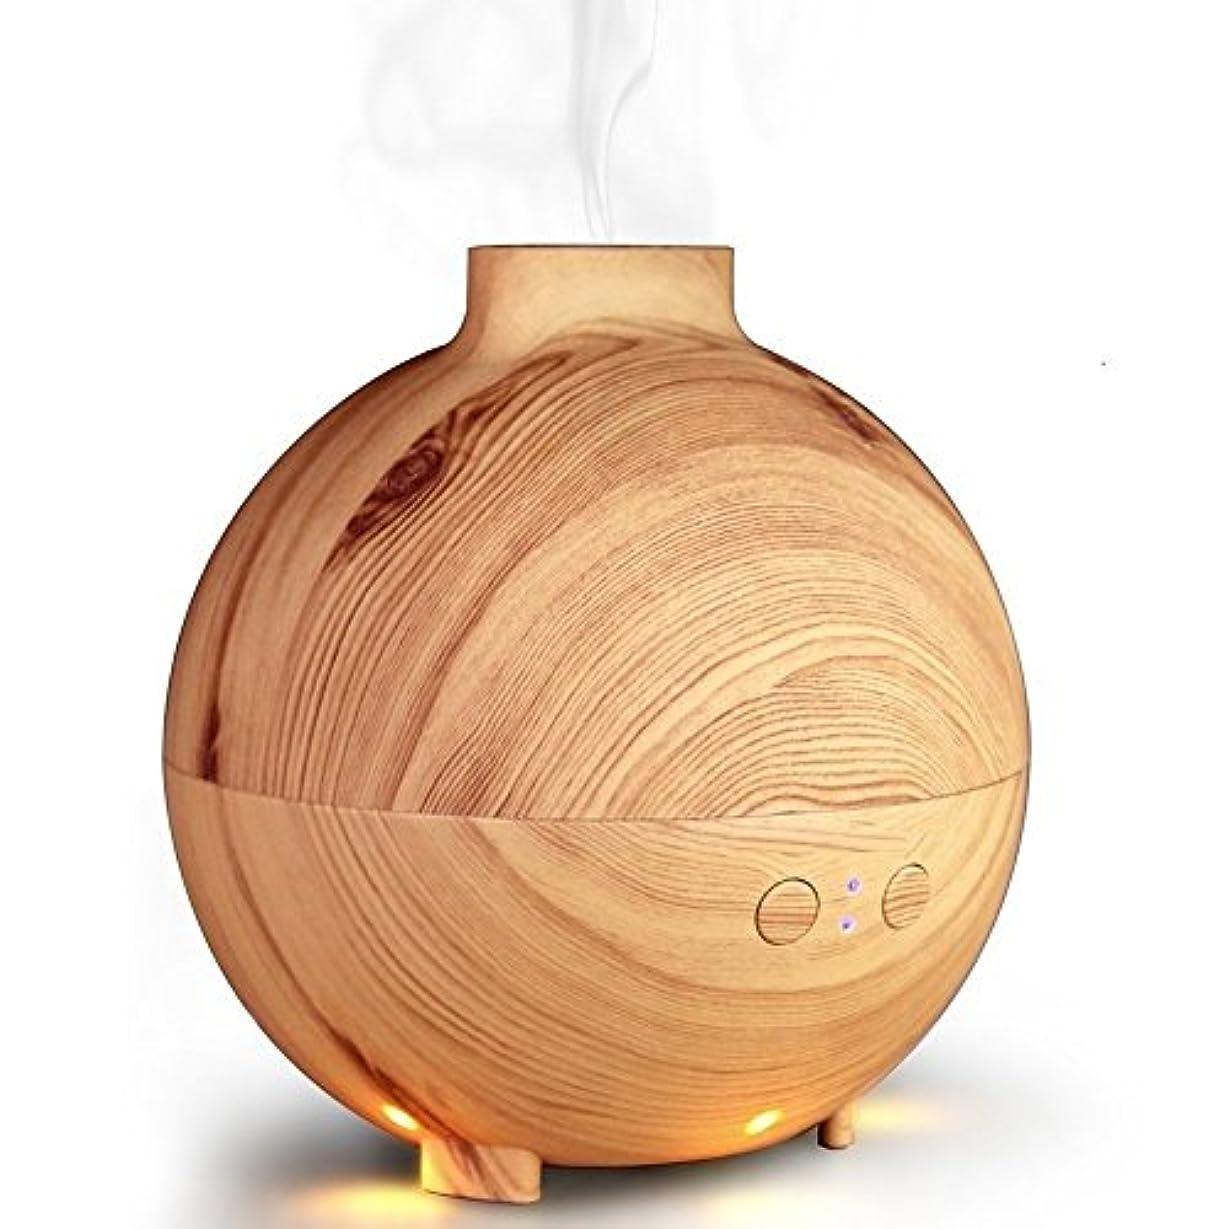 グロー概要マトリックスアロマエッセンシャルオイルディフューザー、アロマテラピー加湿器空気清浄機クールミストの香りクールミスト加湿器用家庭、ヨガ、オフィス、スパ,lightwood